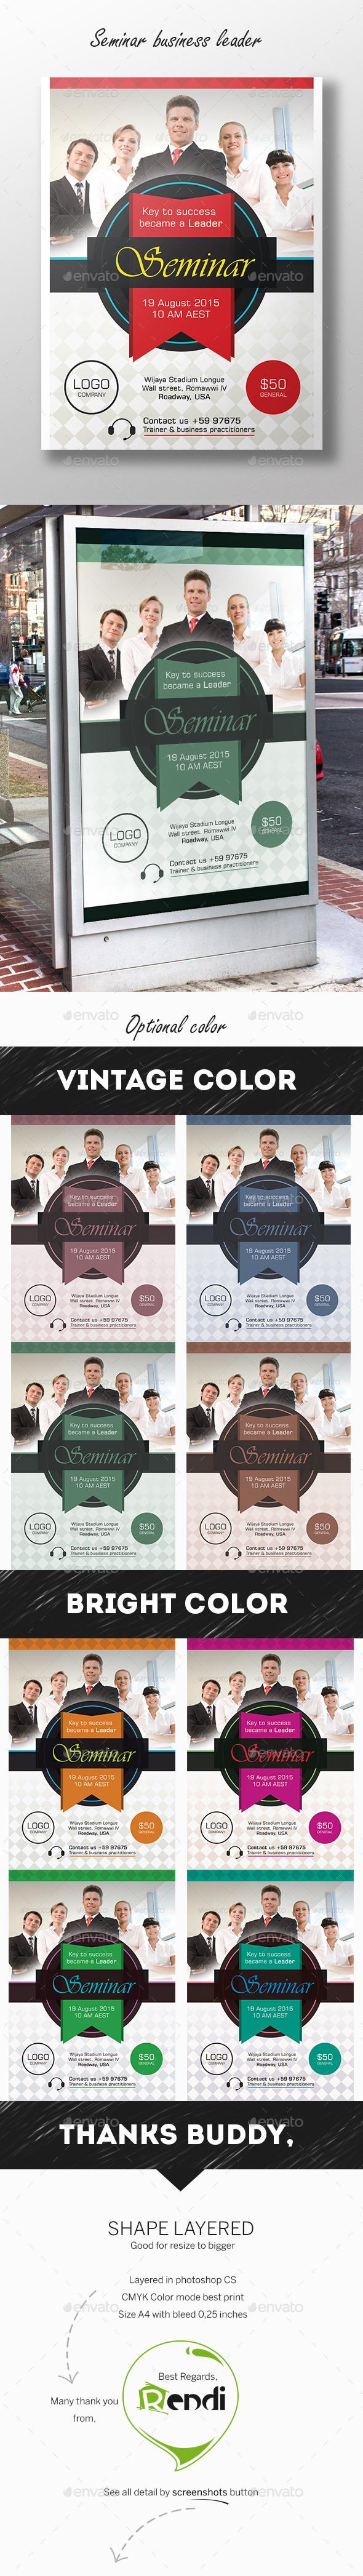 GraphicRiver Business Seminar Pro 10599642